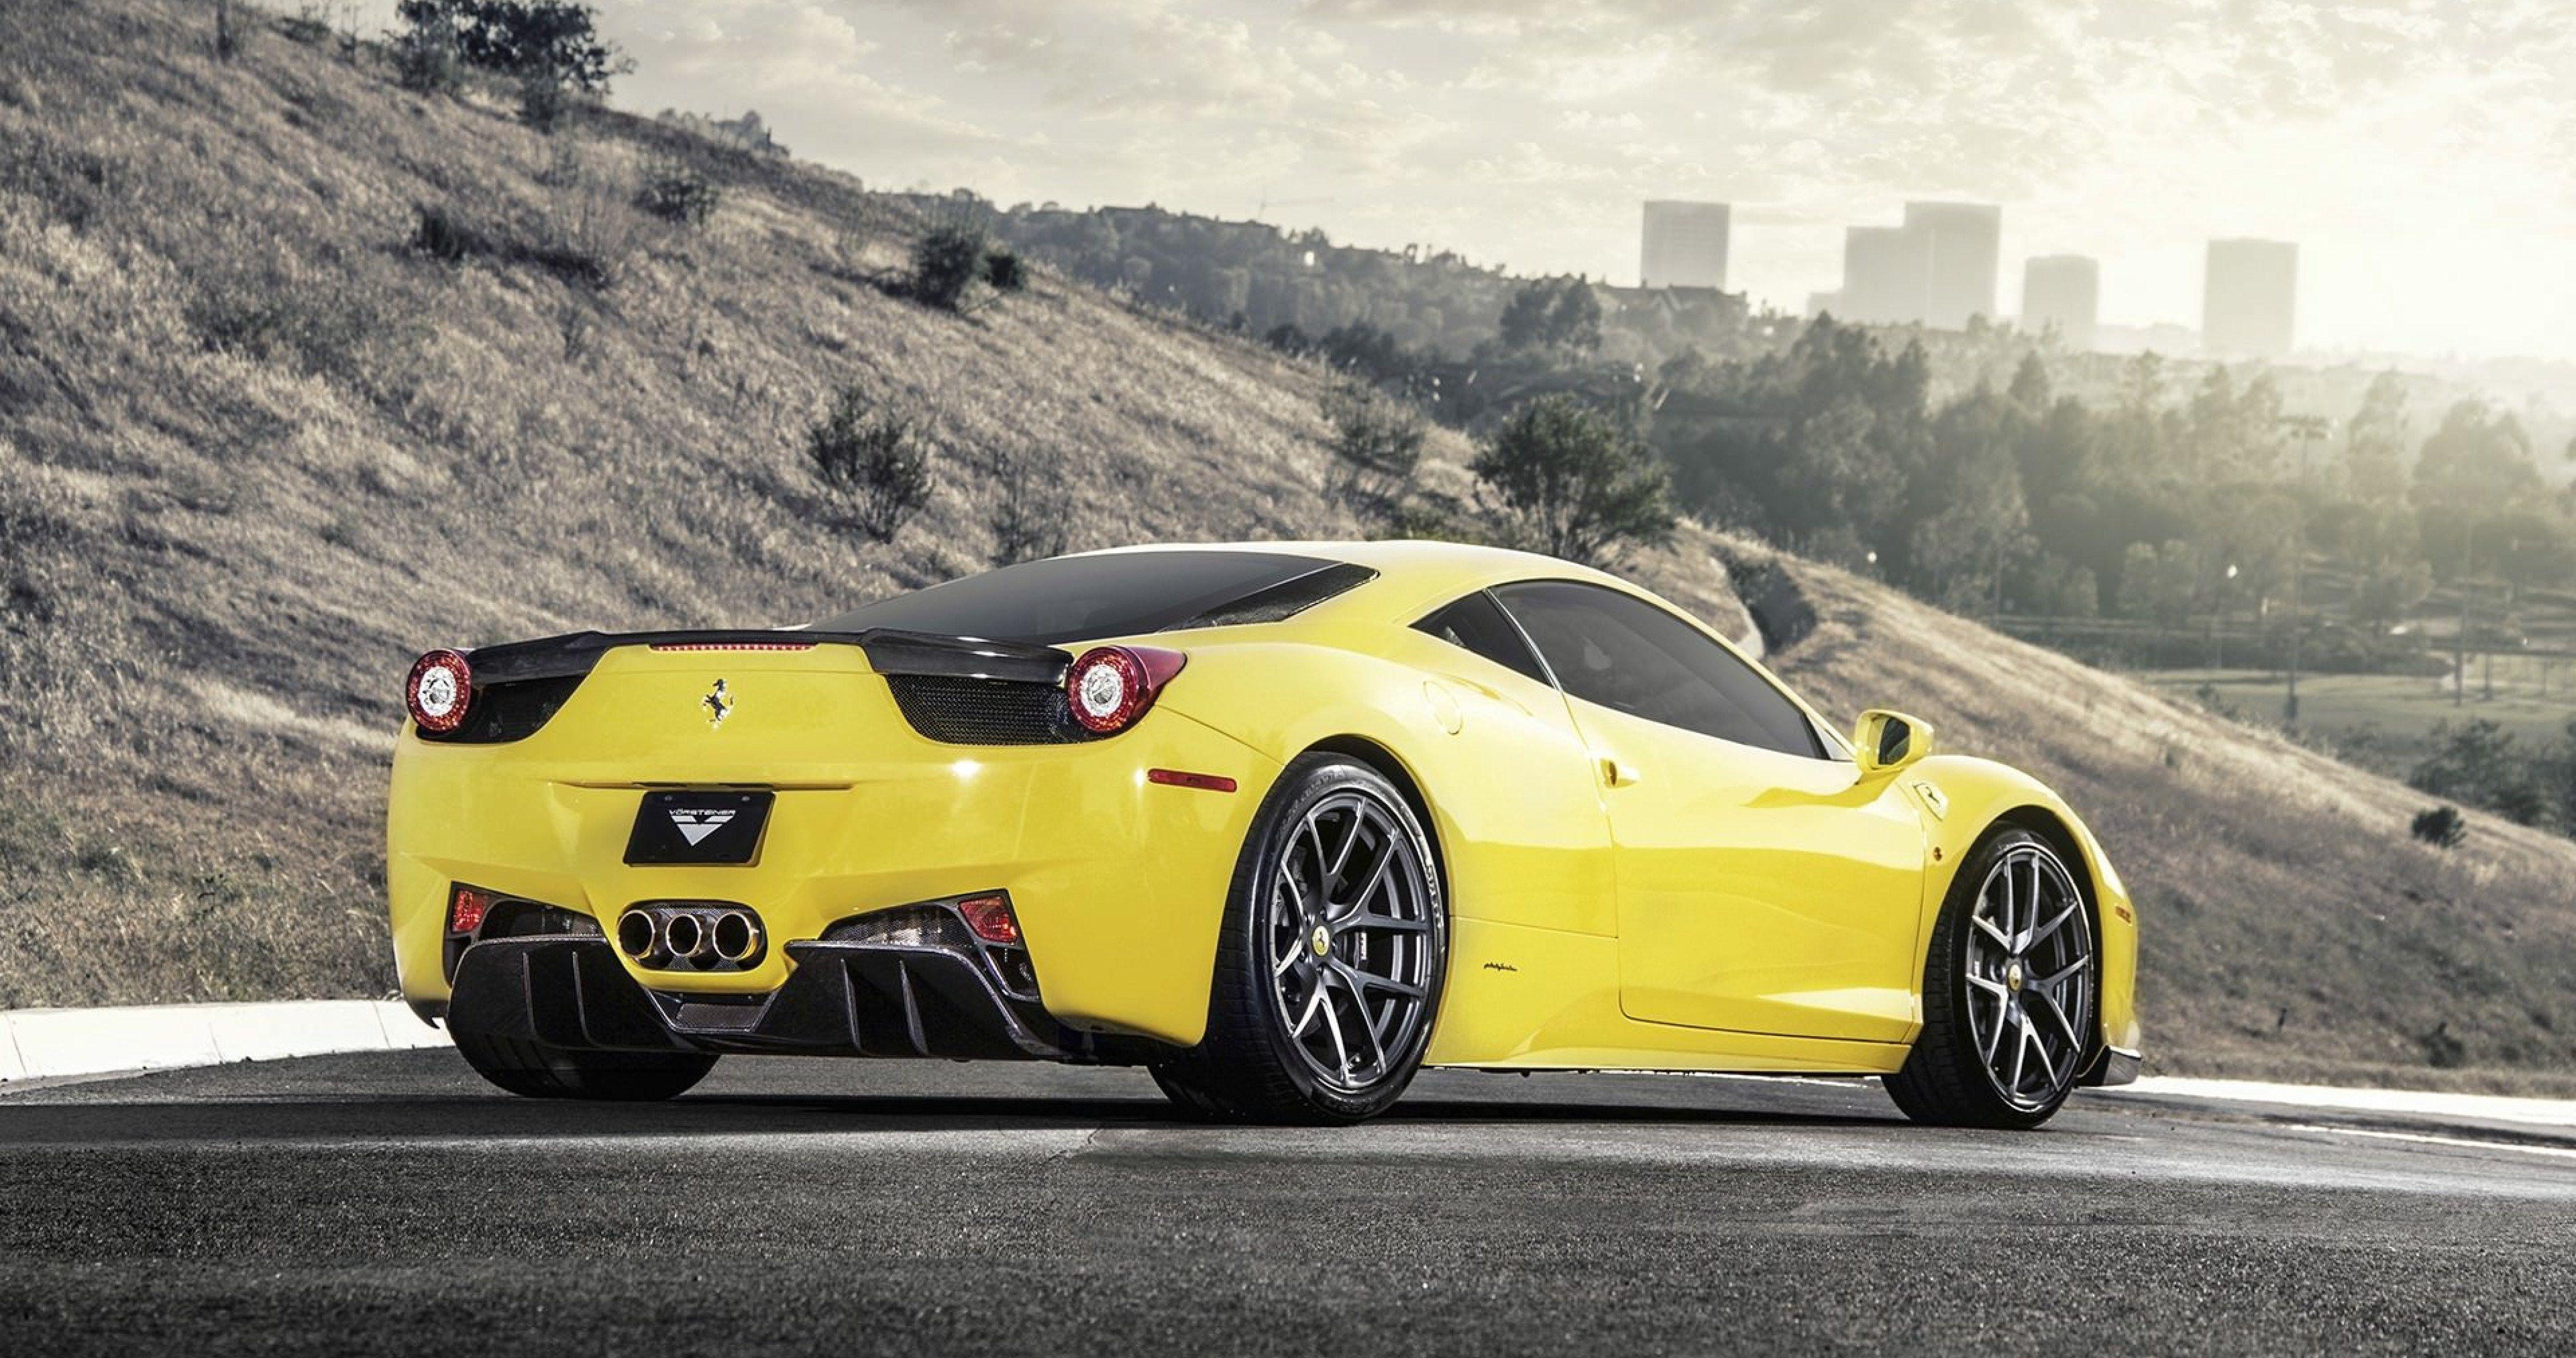 ferrari 458 italia 4k ultra hd wallpaper Ferrari 458